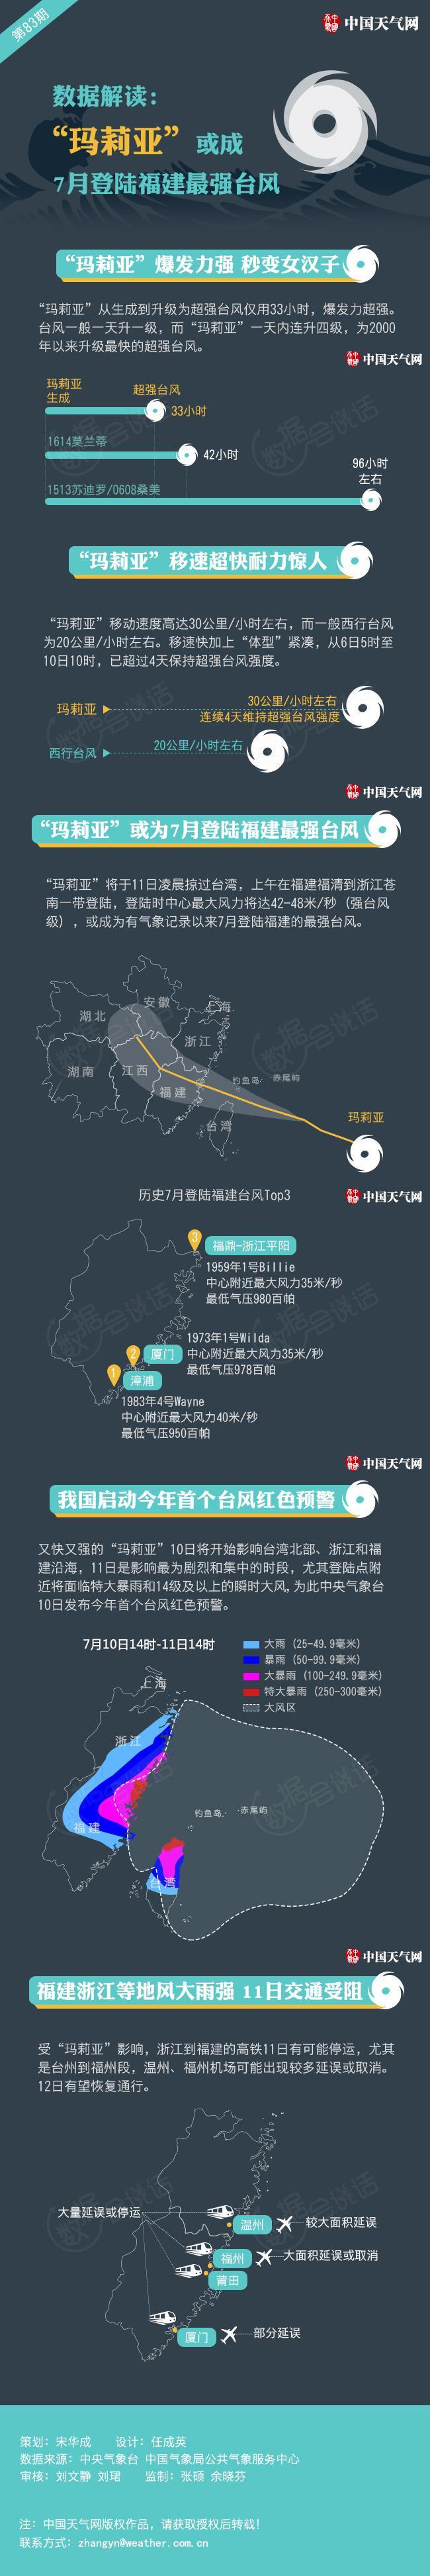 台风数字画像-233.jpg